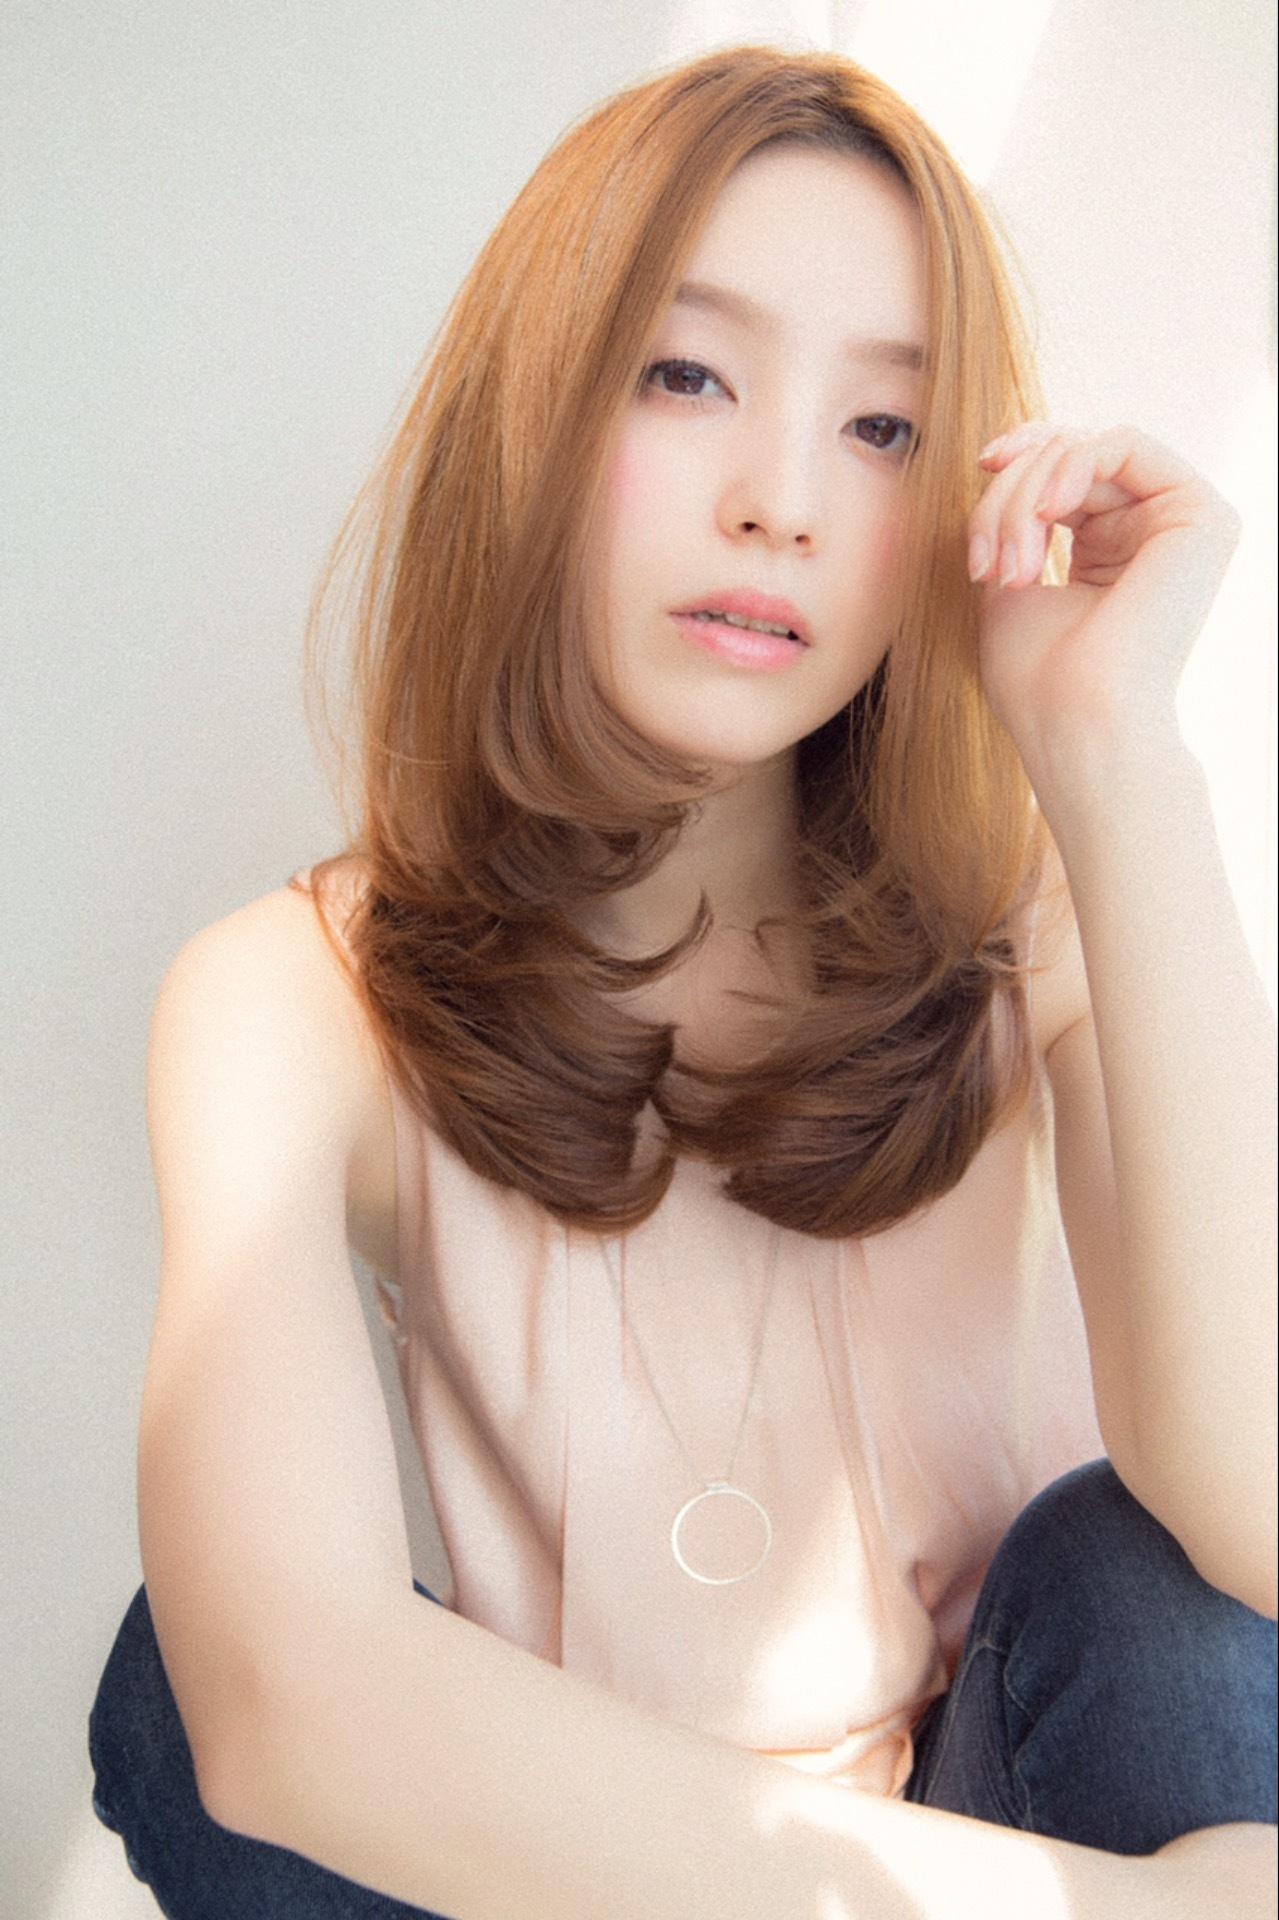 【Euphoria銀座本店】王道可愛い☆センター分けワンカール by斎藤